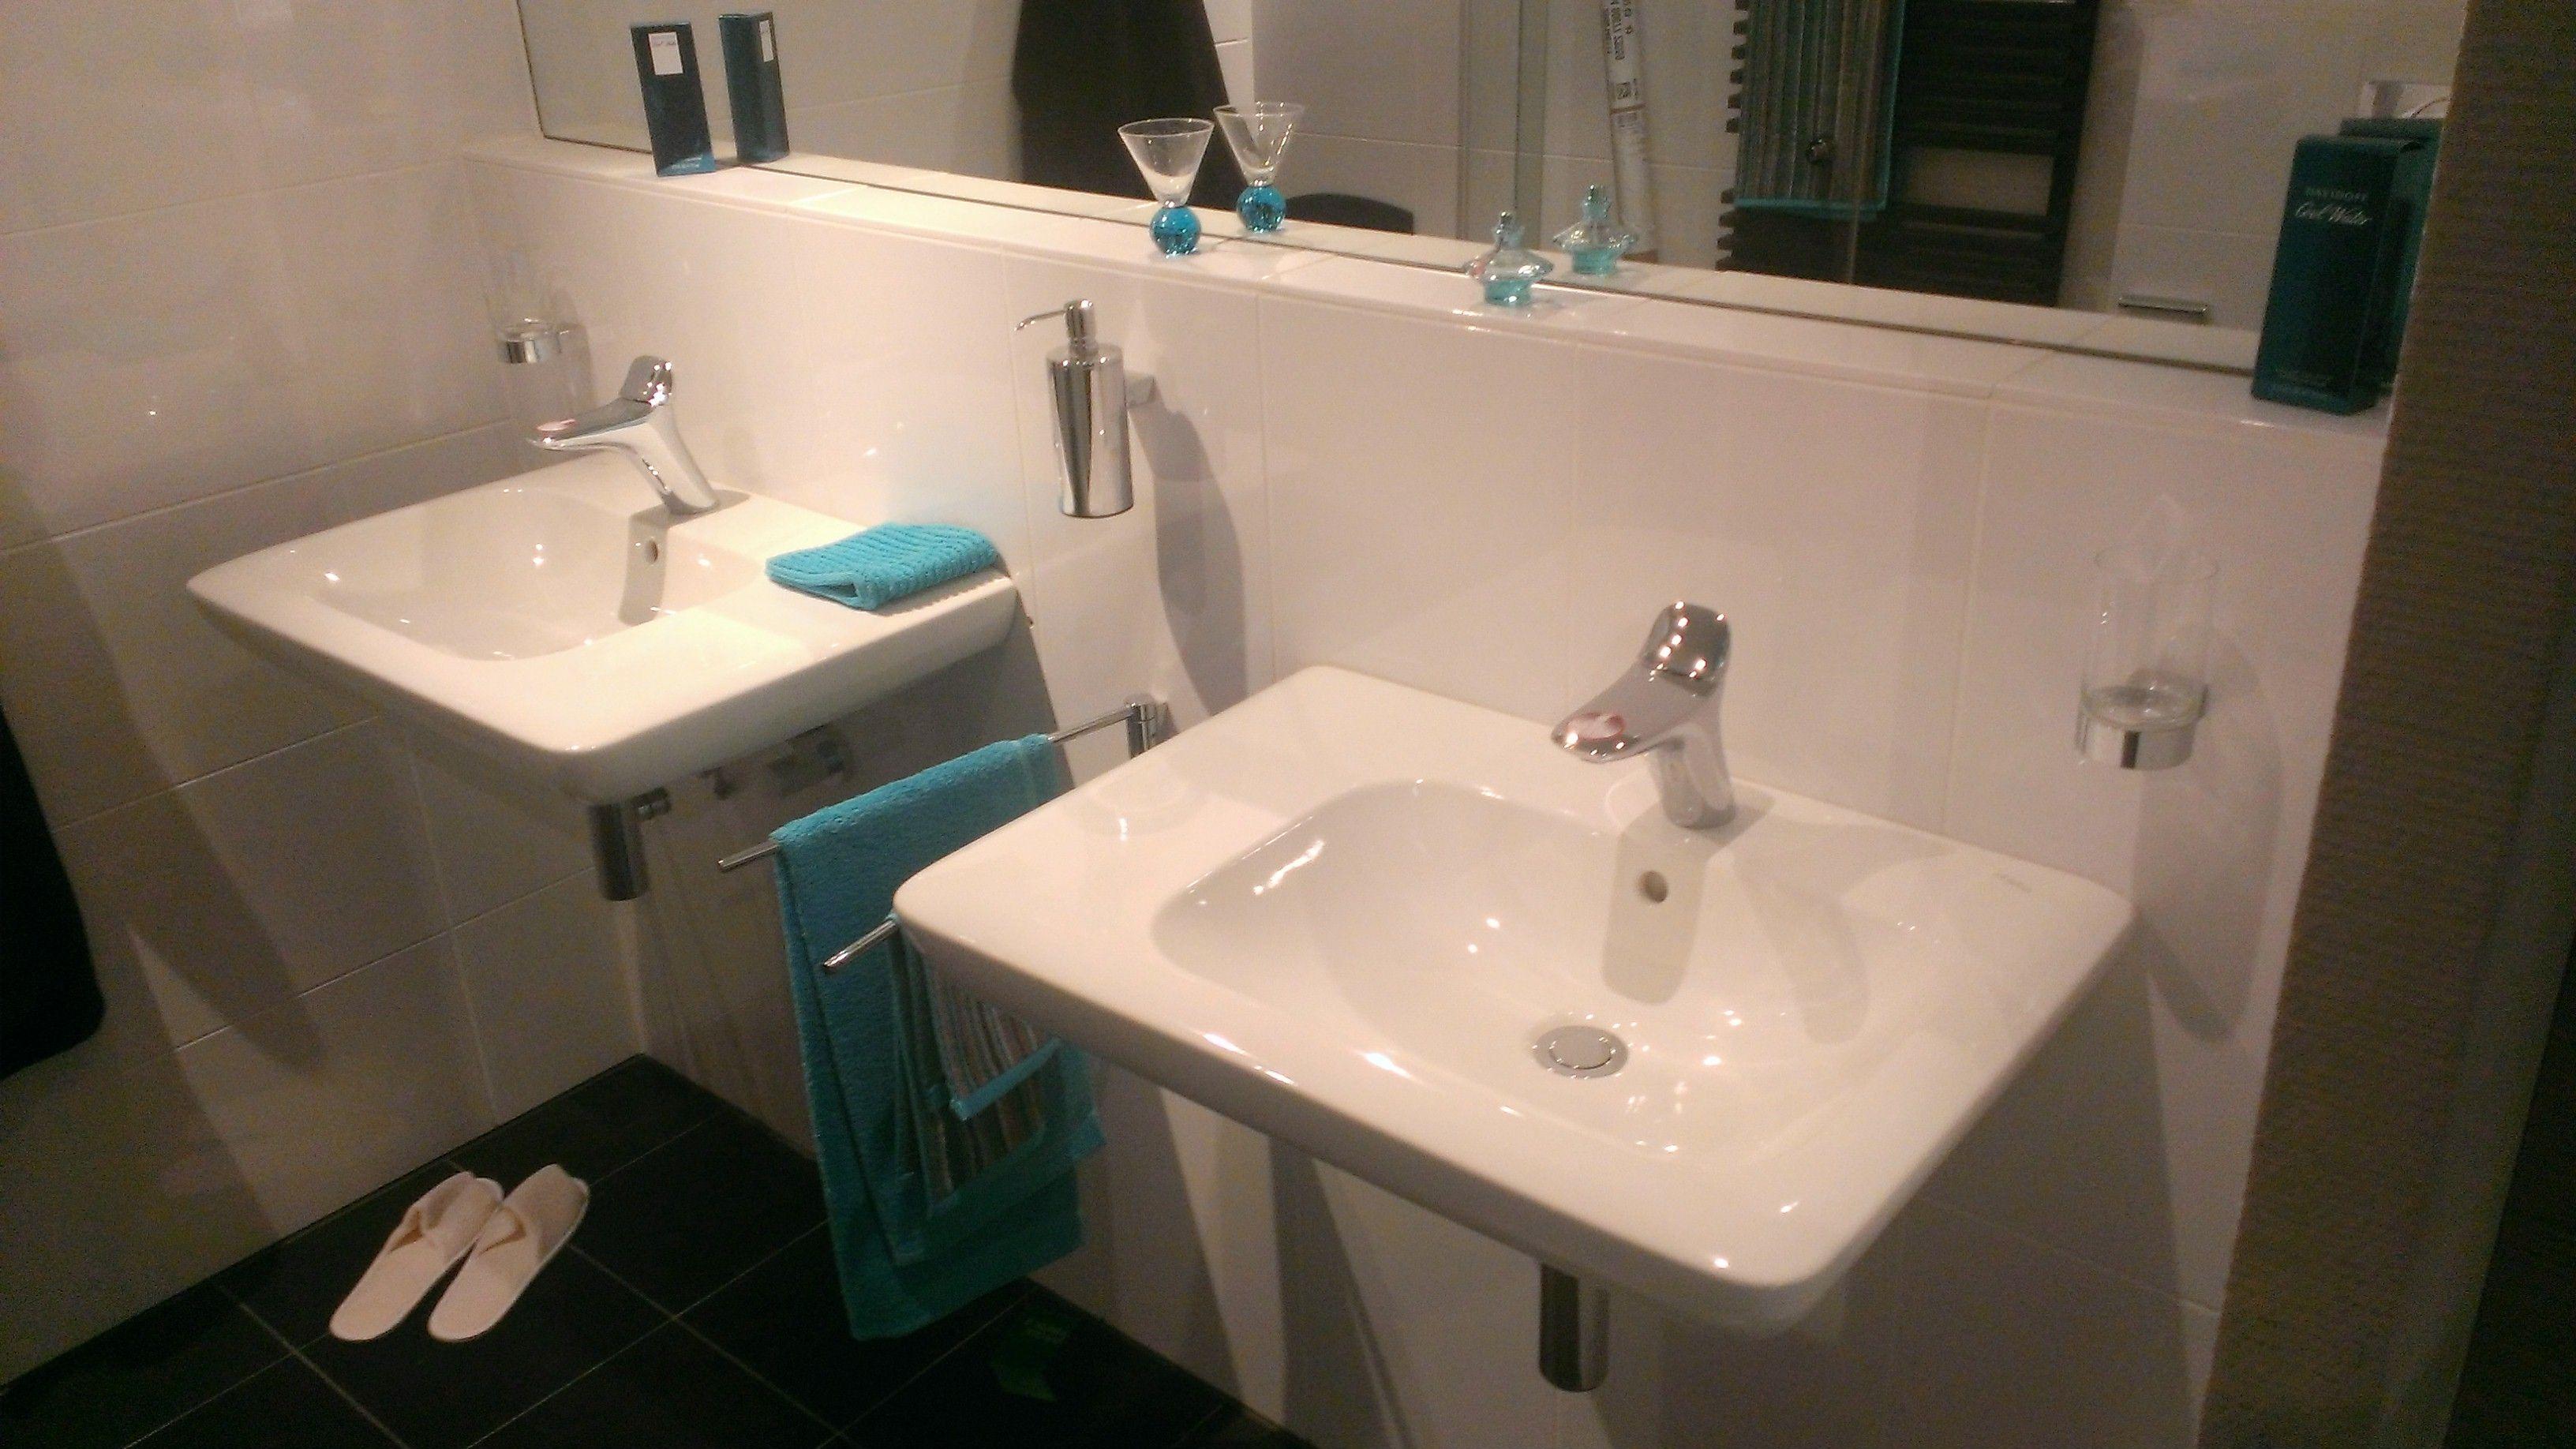 Baderie Sanitair Badkamer : Twee enkele wastafels zonder onderkast gezien bij baderie houten